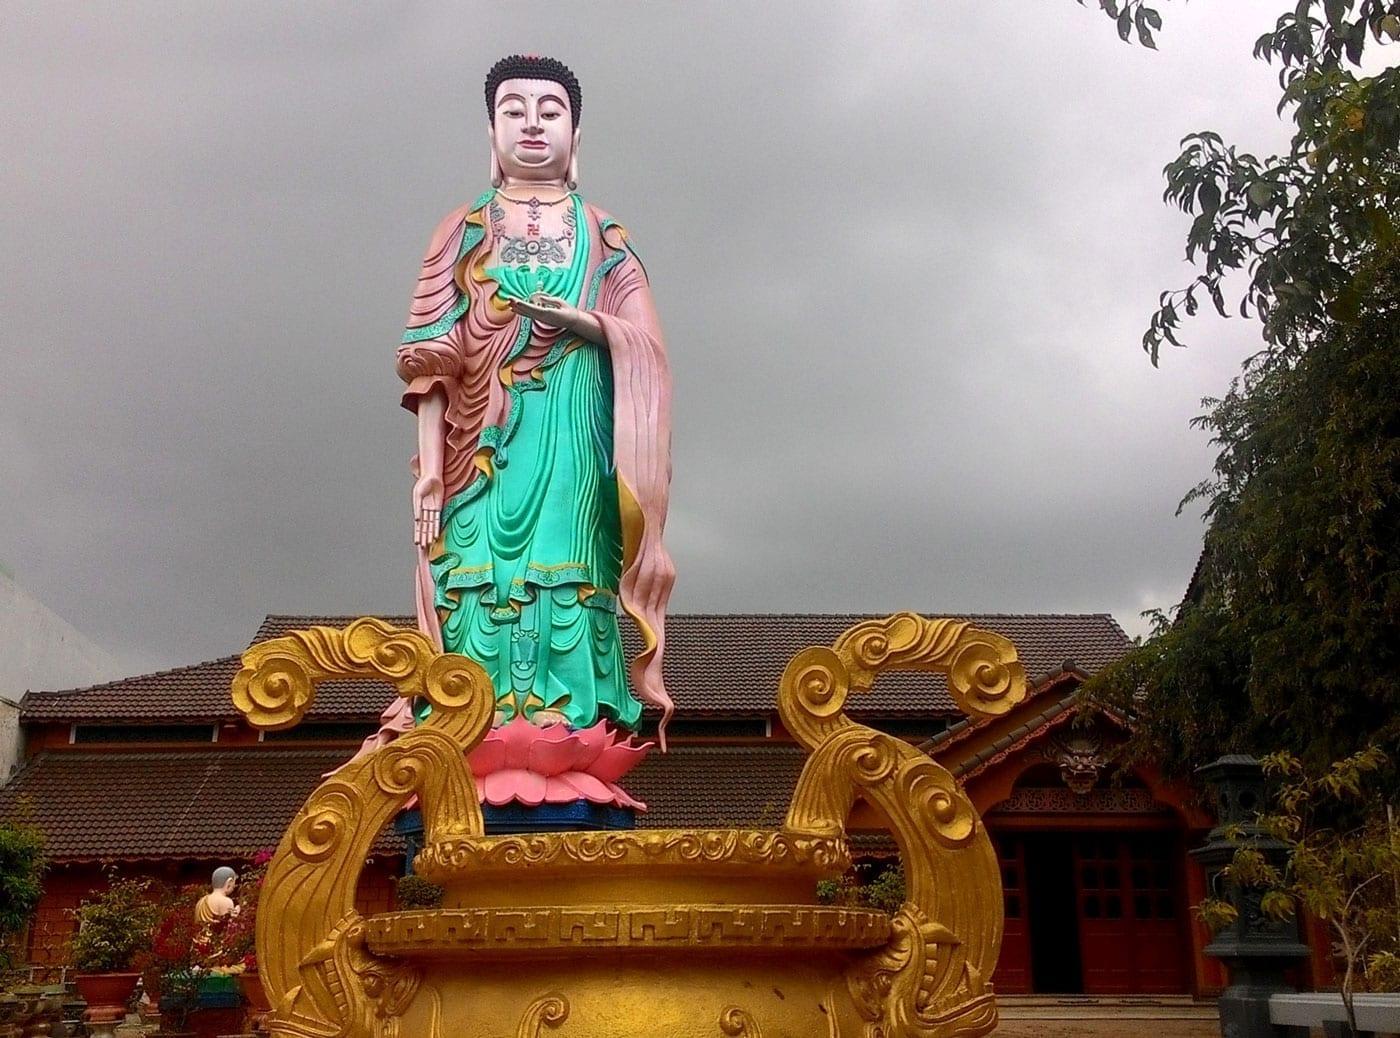 Chùa Minh Tịnh Quy Nhon Vietnam